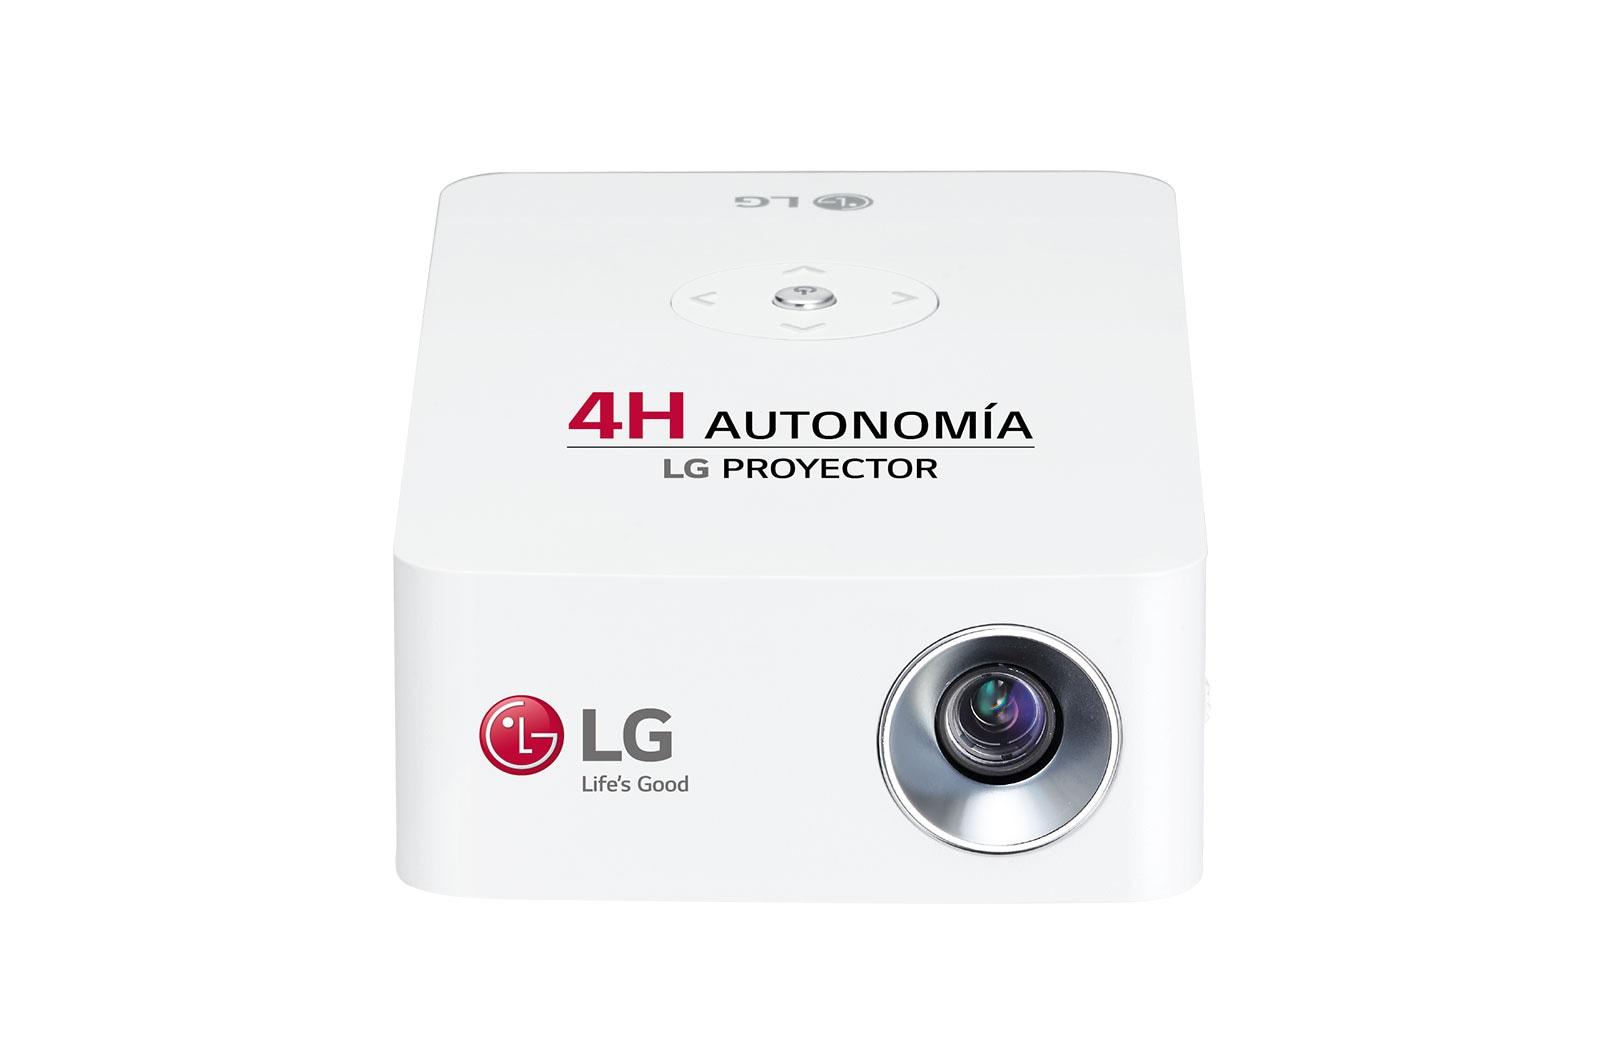 LG Proyector PH30JG - LG CineBeam con batería integrada (hasta 100'', autonomía 4 horas, fuente LED, 250 lúmenes,1280 x 720) 100,000:1, PH30JG